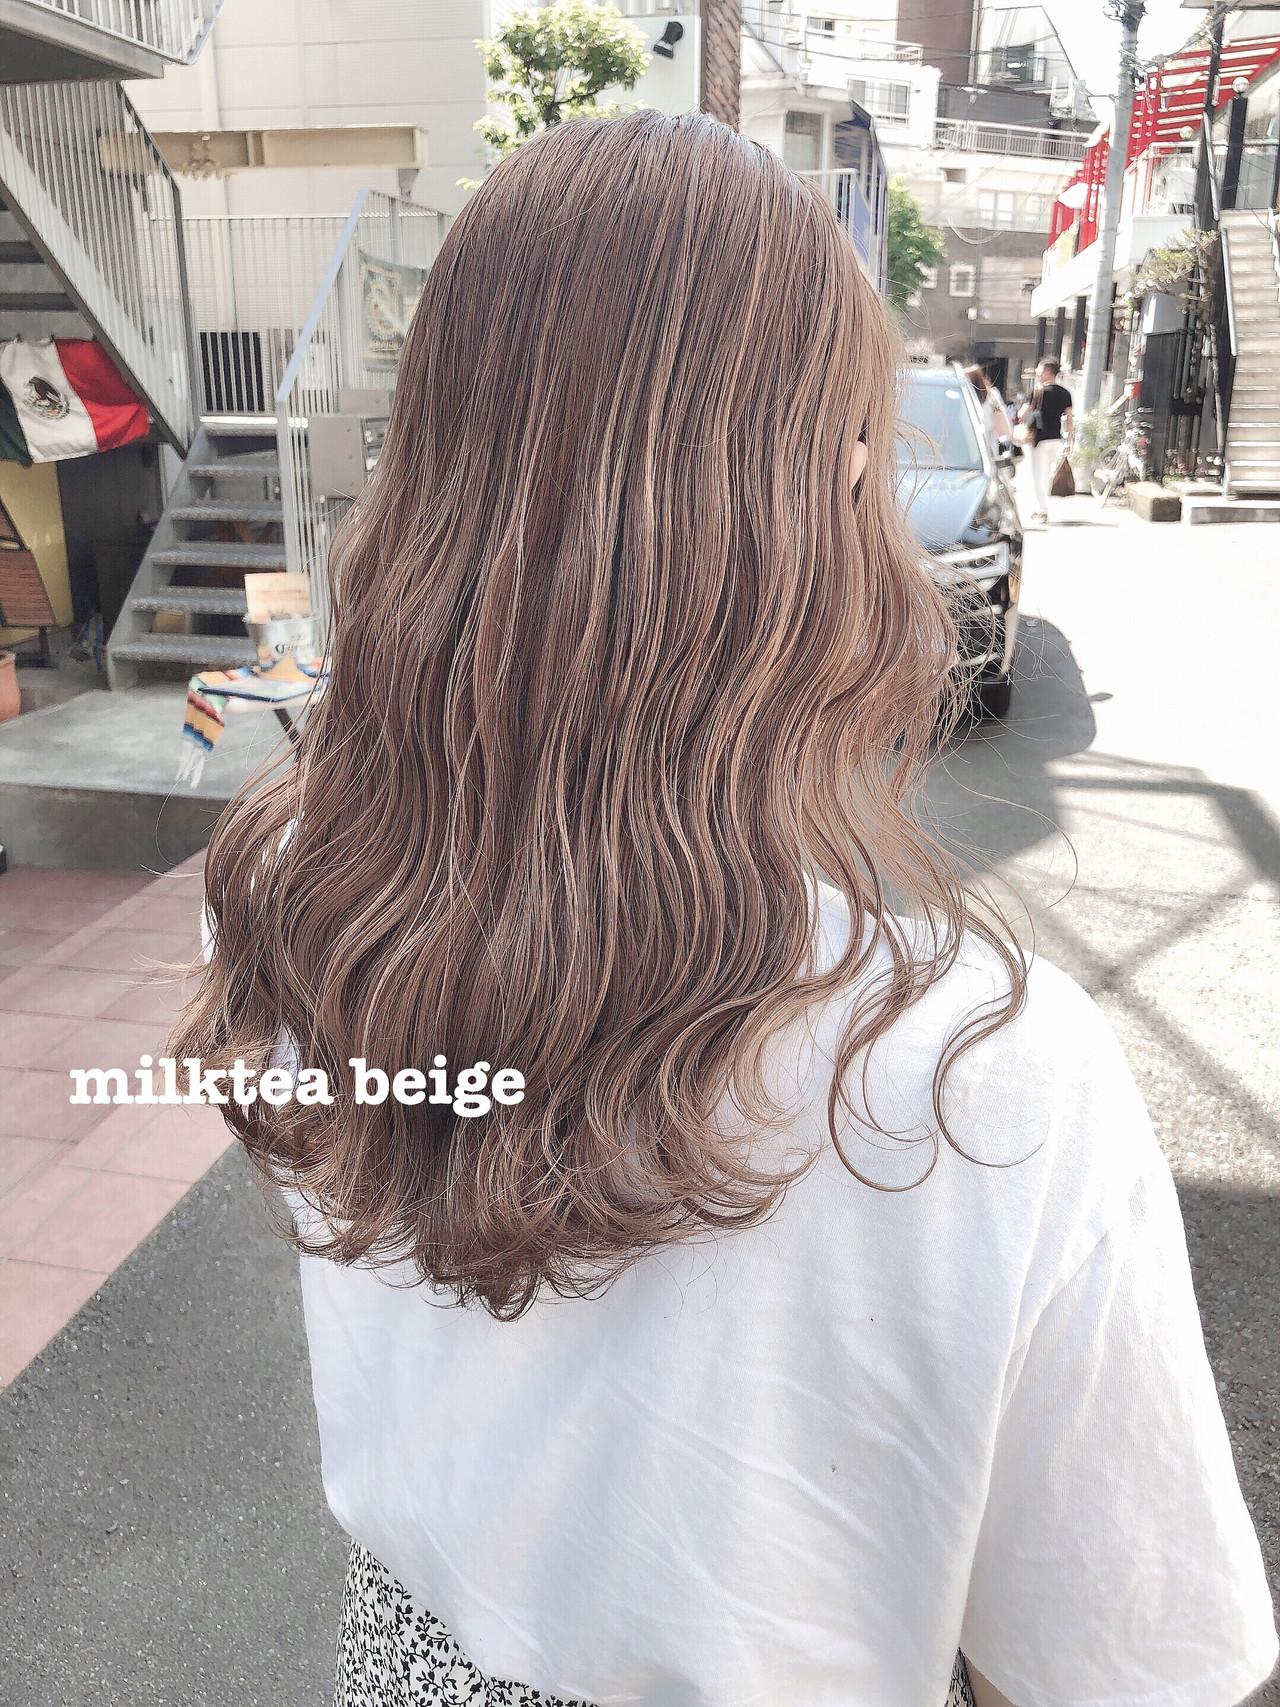 ハイトーンカラー ピンクベージュ オリーブベージュ ナチュラル ヘアスタイルや髪型の写真・画像